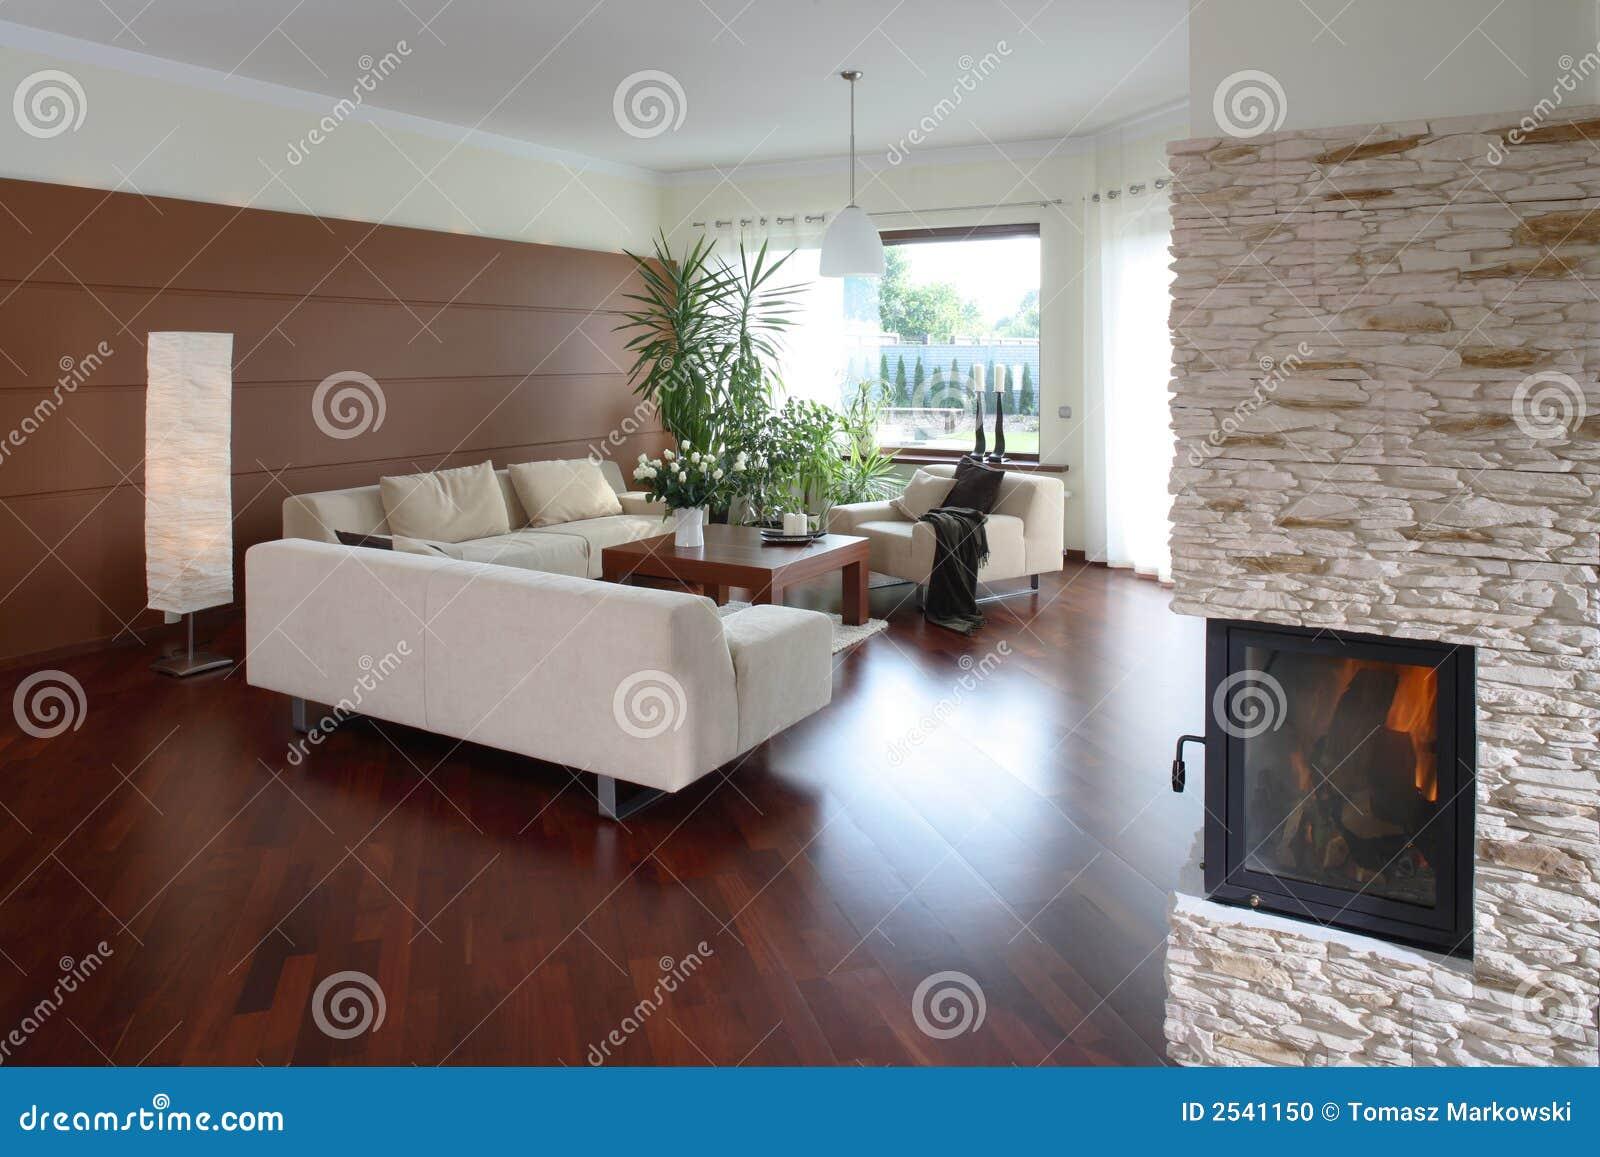 Salle de s jour moderne confortable photo stock image for Salle de sejour de luxe